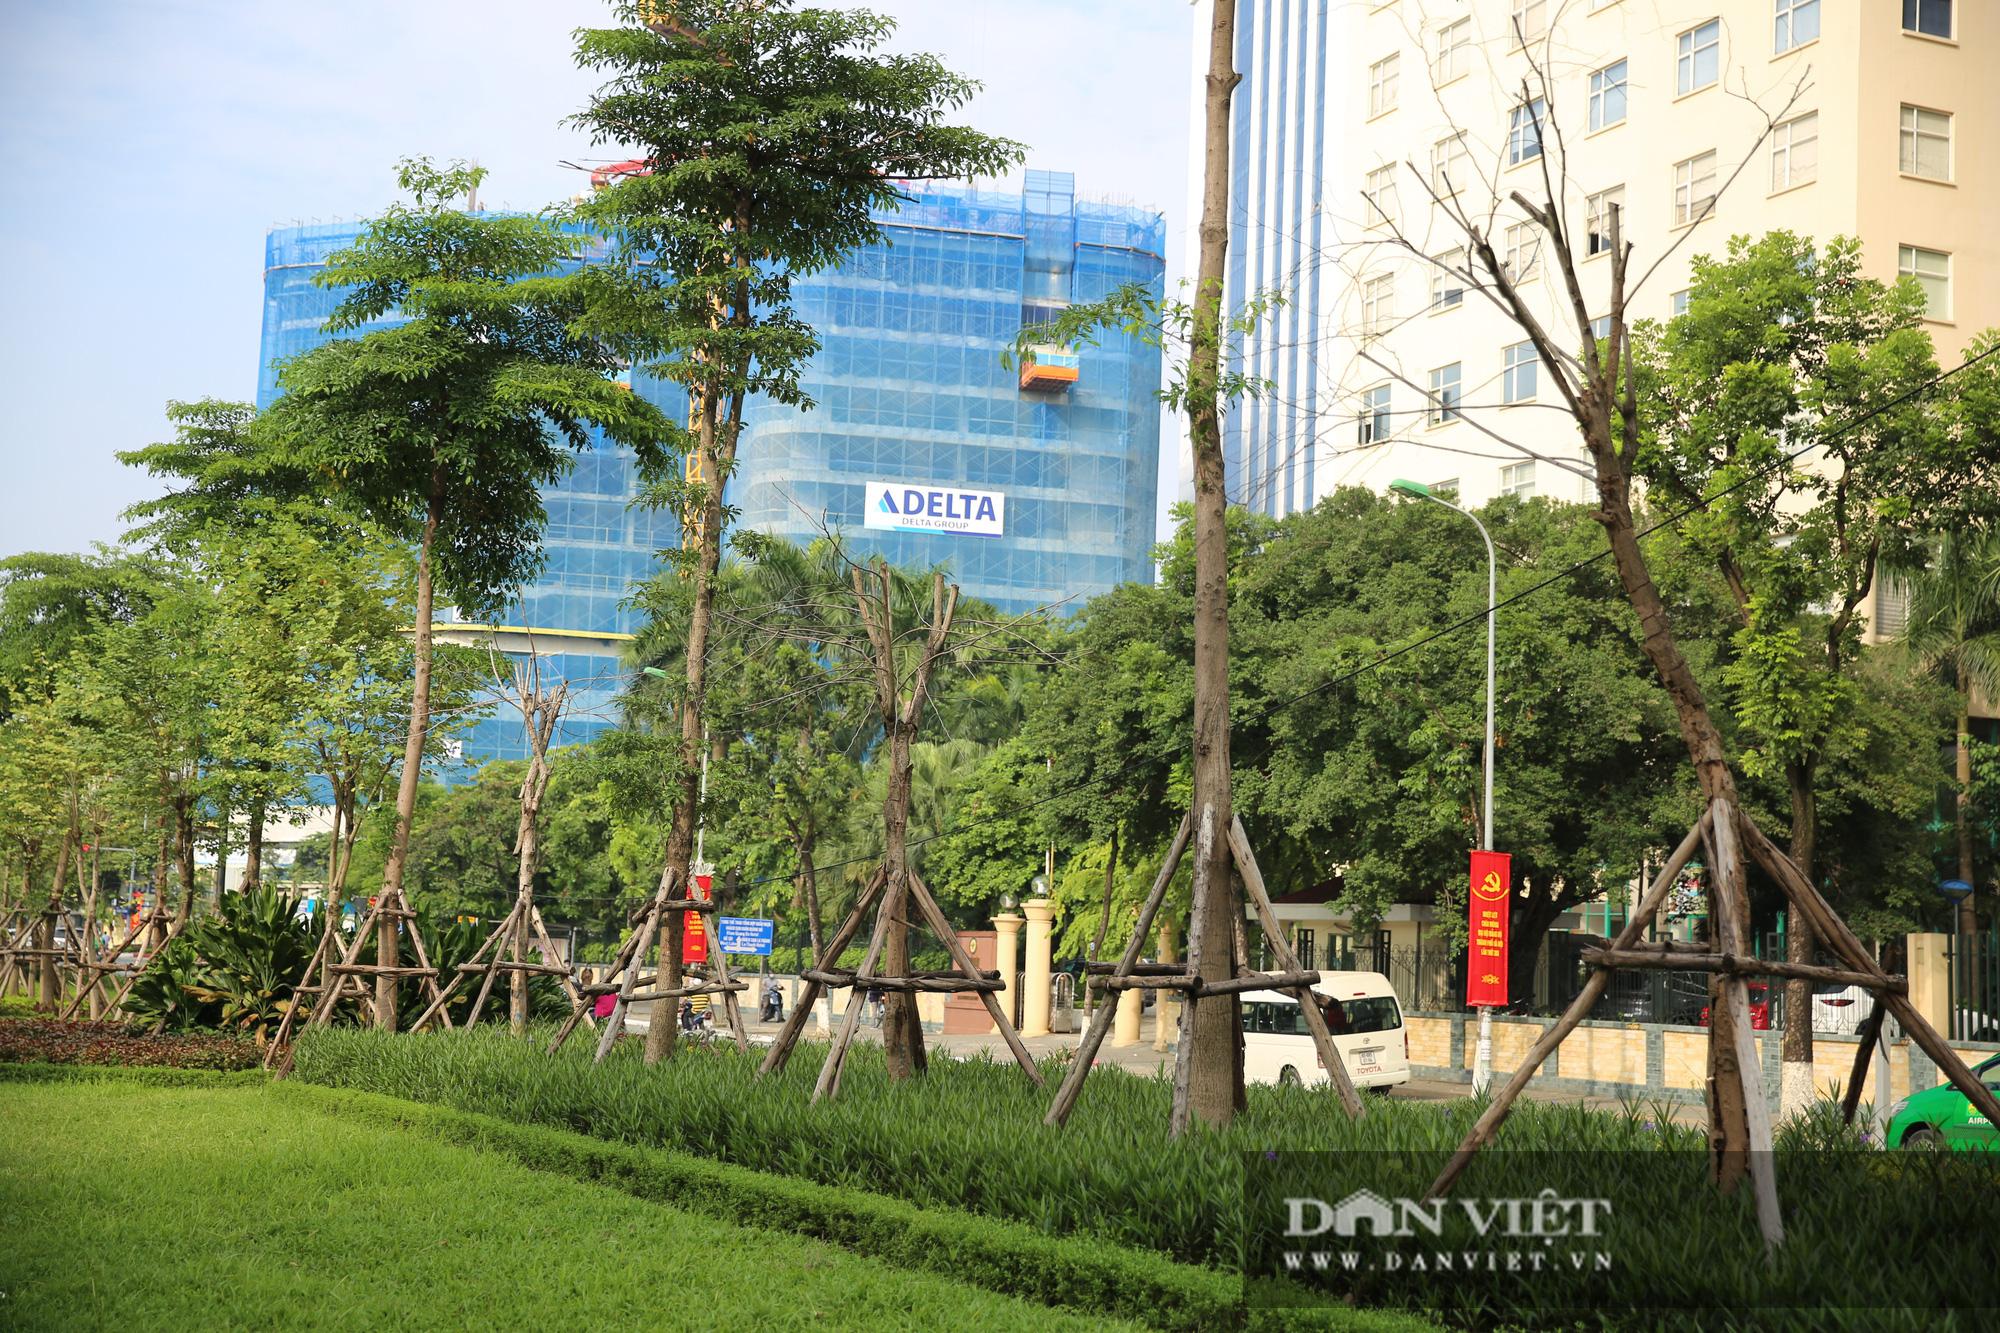 Hà Nội: Nhiều cây xanh trồng mới có dấu hiệu chết khô  - Ảnh 11.